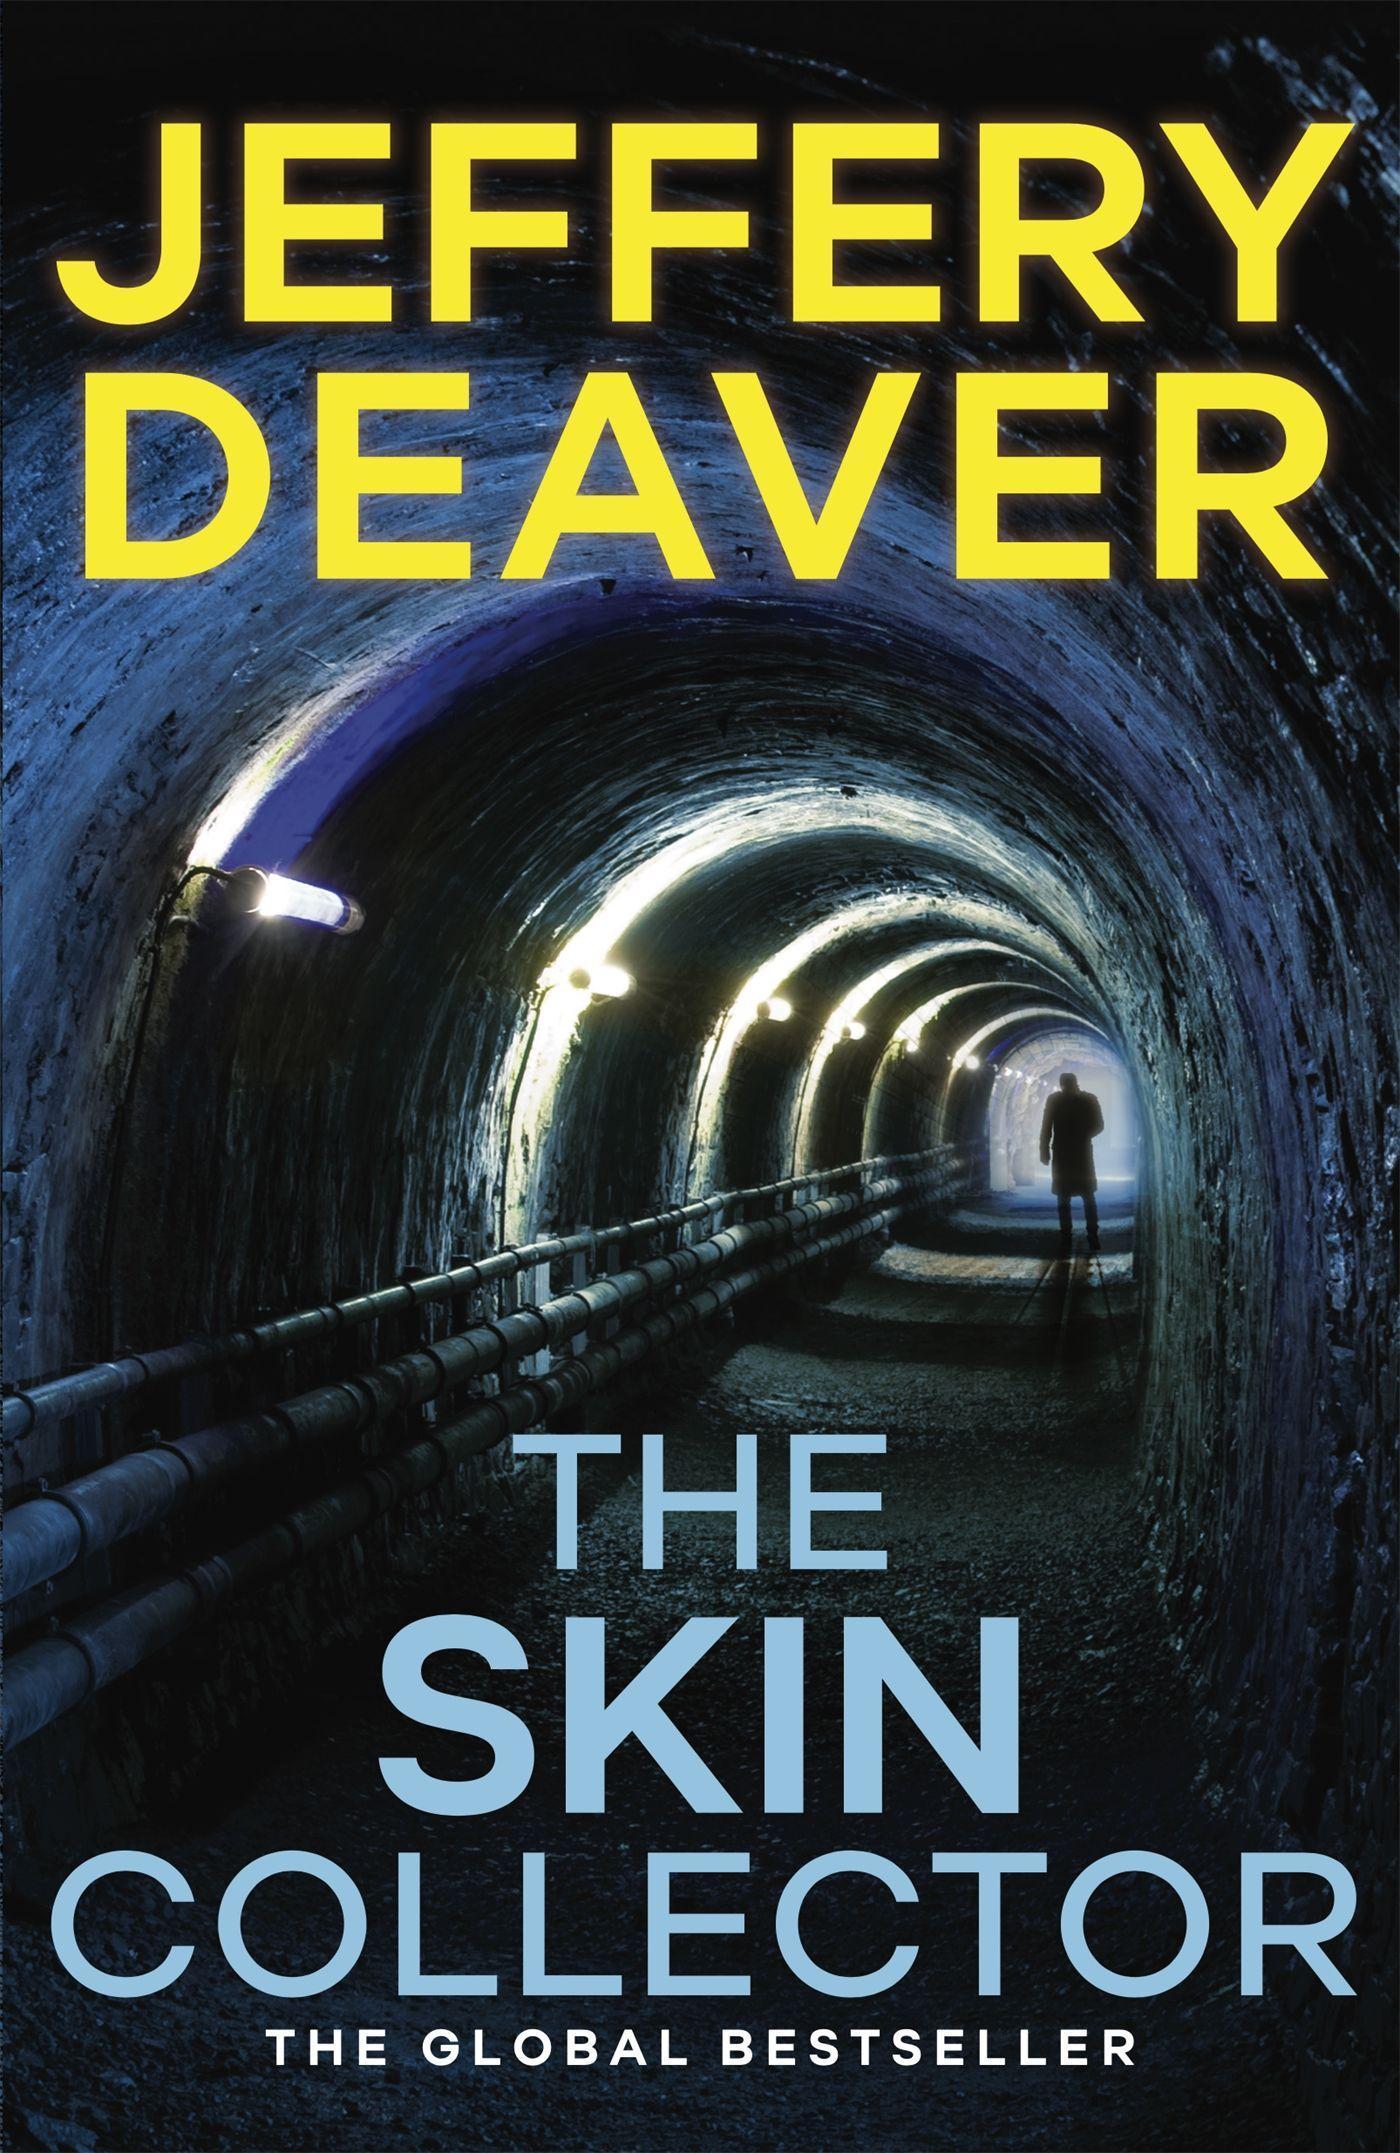 The Skin Collector Lincoln Rhyme Book 11 Jeffery Deaver Taschenbuch Englisch